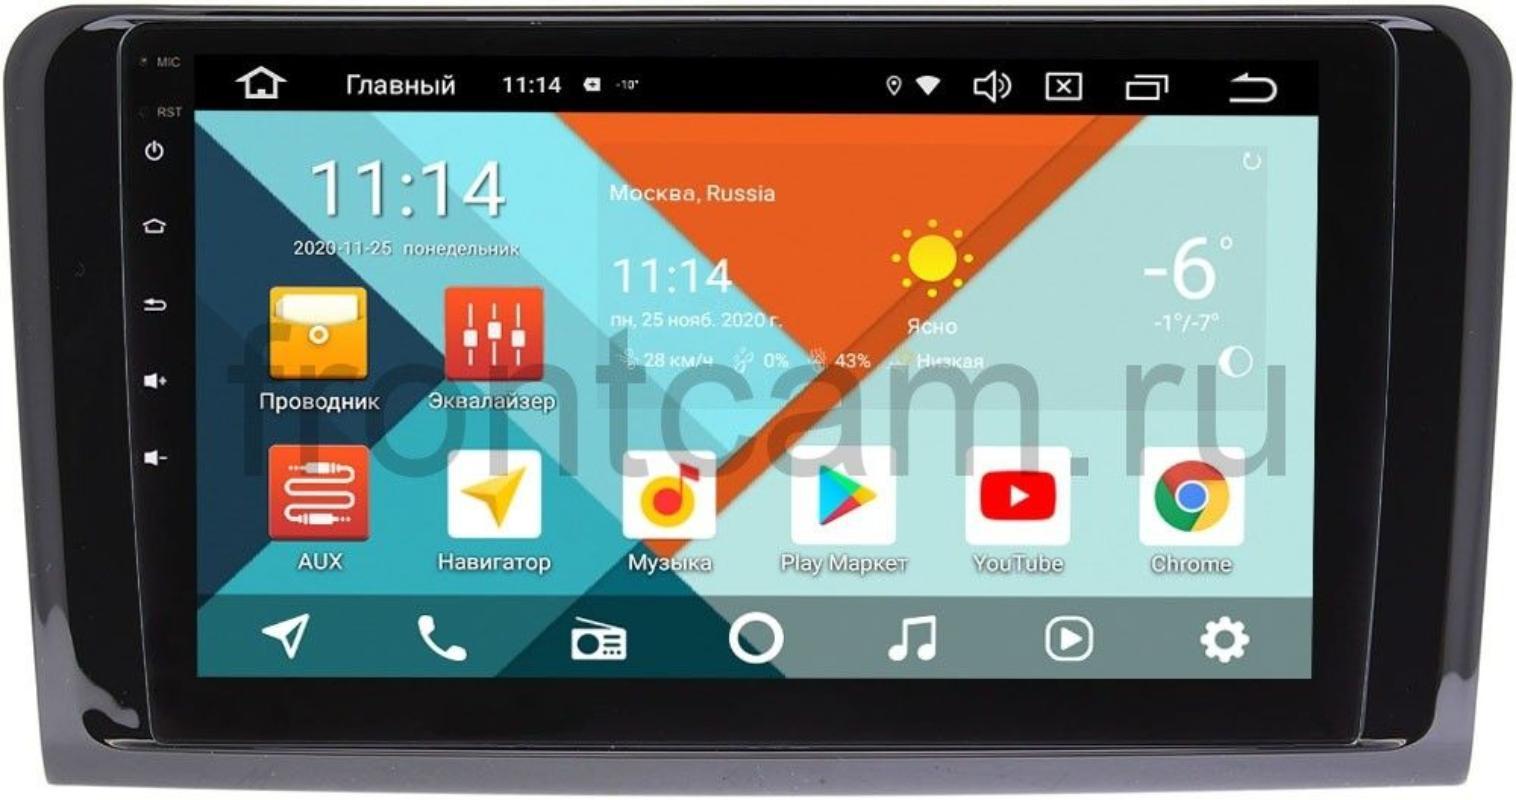 Магнитола Mercedes GL-klasse (X164) 2006-2012, ML-klasse (W164) 2005-2011 (глянец) Wide Media KS9249QR-3/32 DSP CarPlay 4G-SIM Android 10 (+ Камера заднего вида в подарок!)